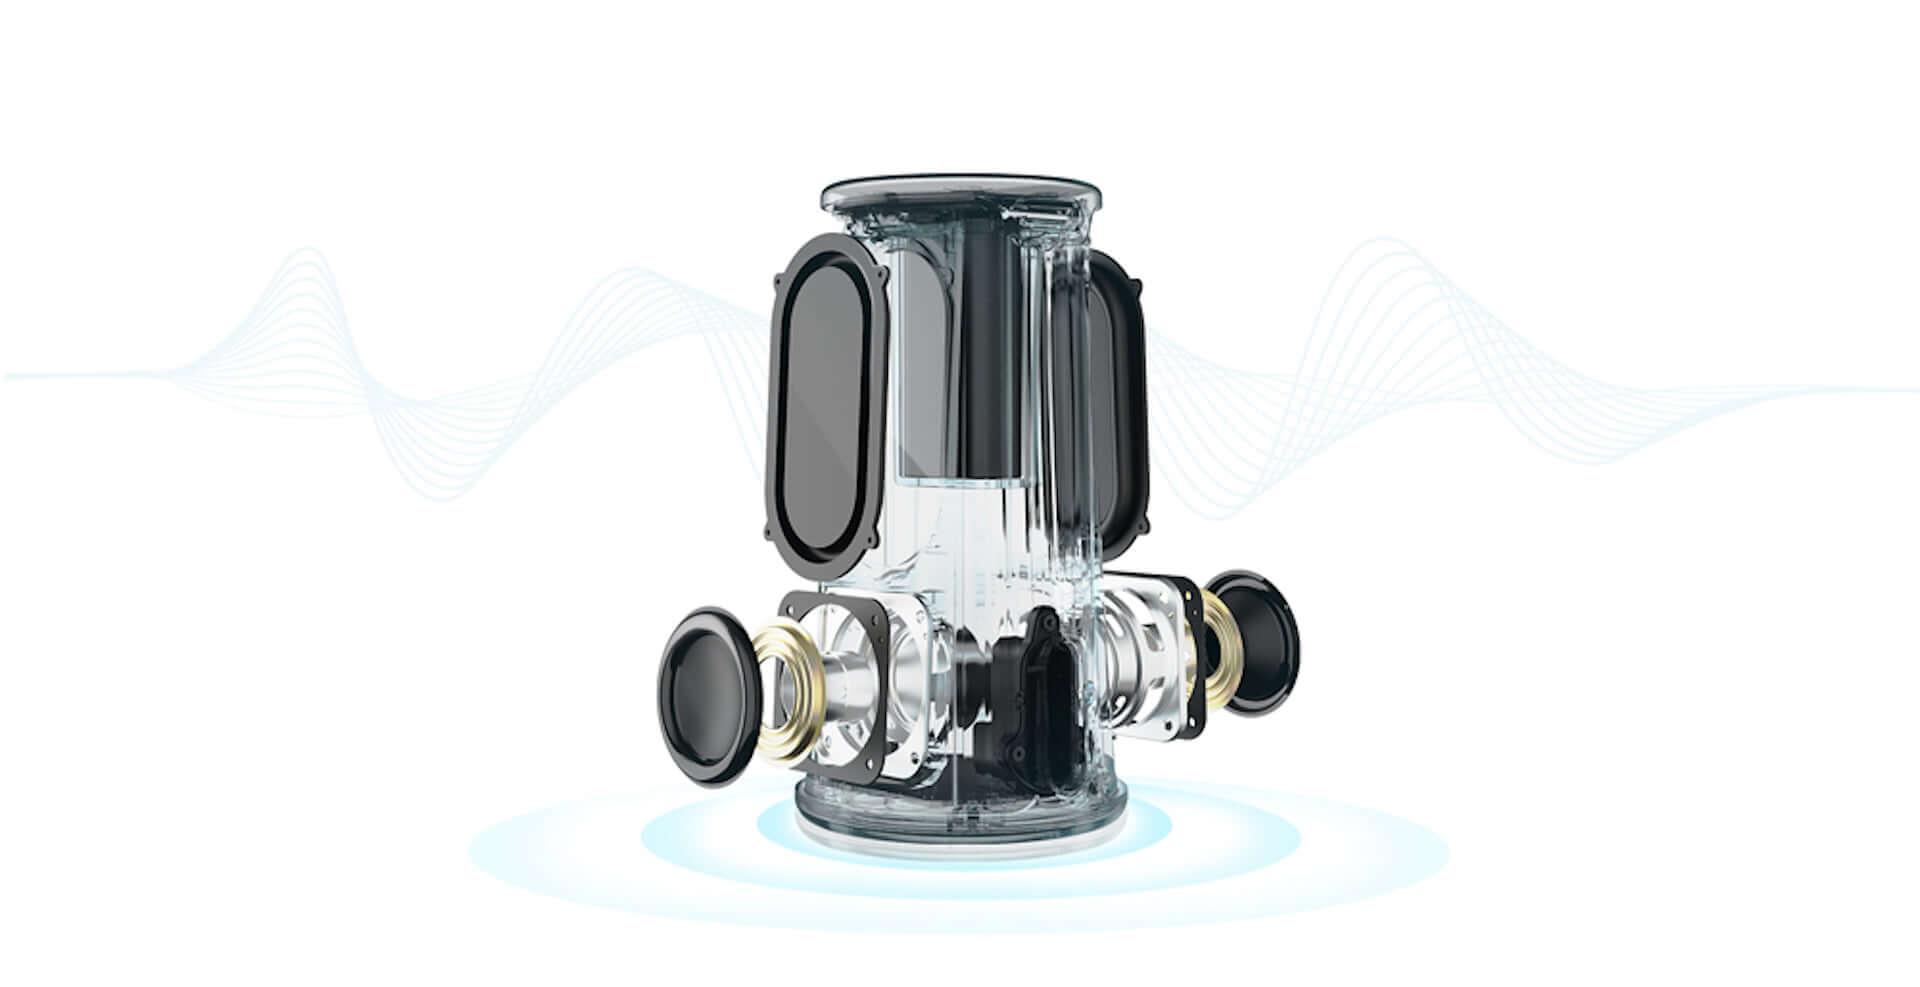 どんな水でも大丈夫、360°方向に迫力ある低音を!Earfun UBOOM Bluetooth5.0 ワイヤレススピーカーが登場 technology190719eaefun-bluetooth_2-1920x987